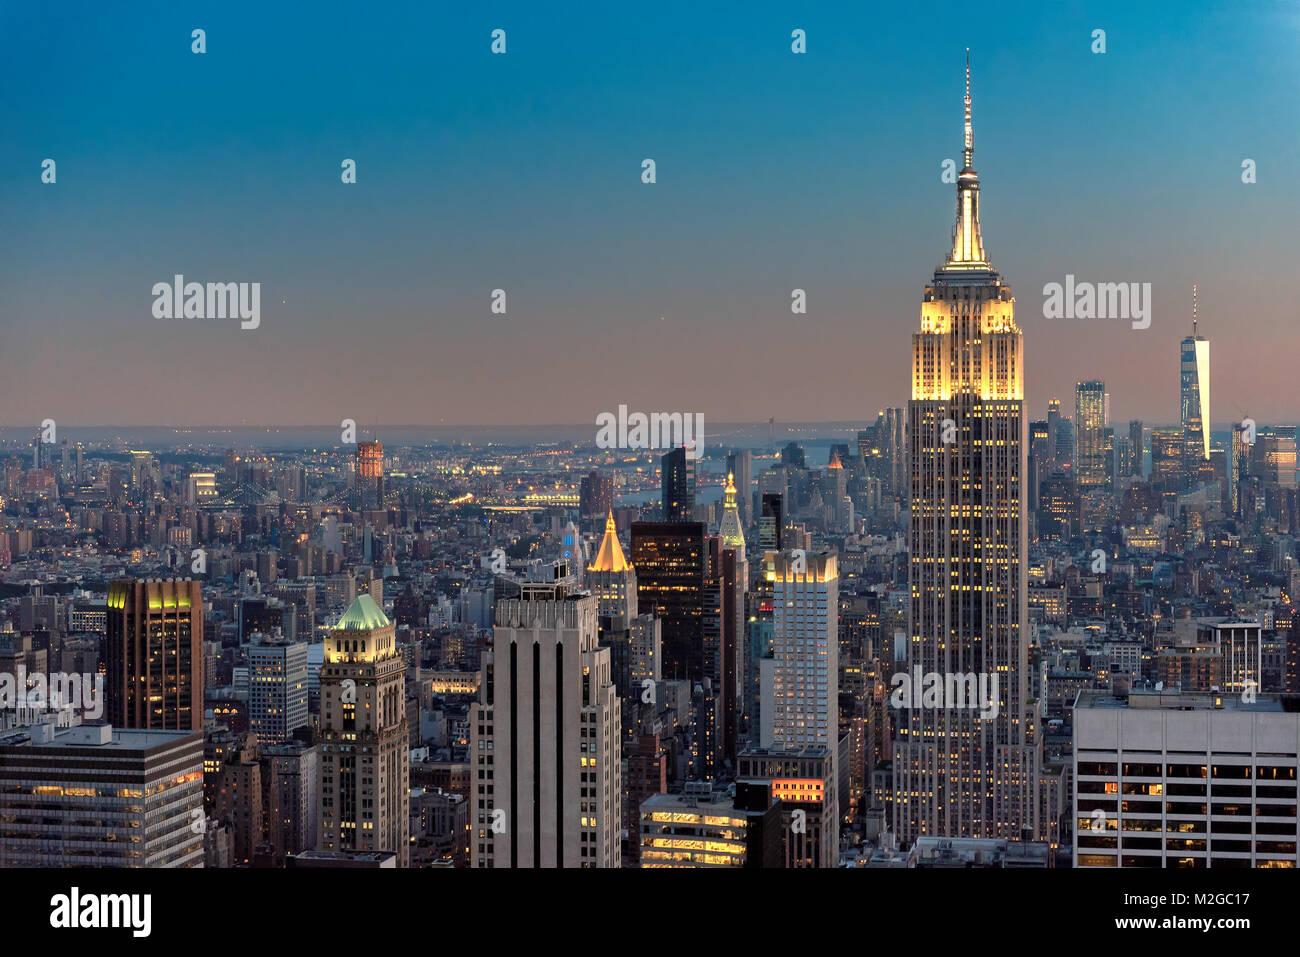 La ciudad de Nueva York al atardecer Imagen De Stock